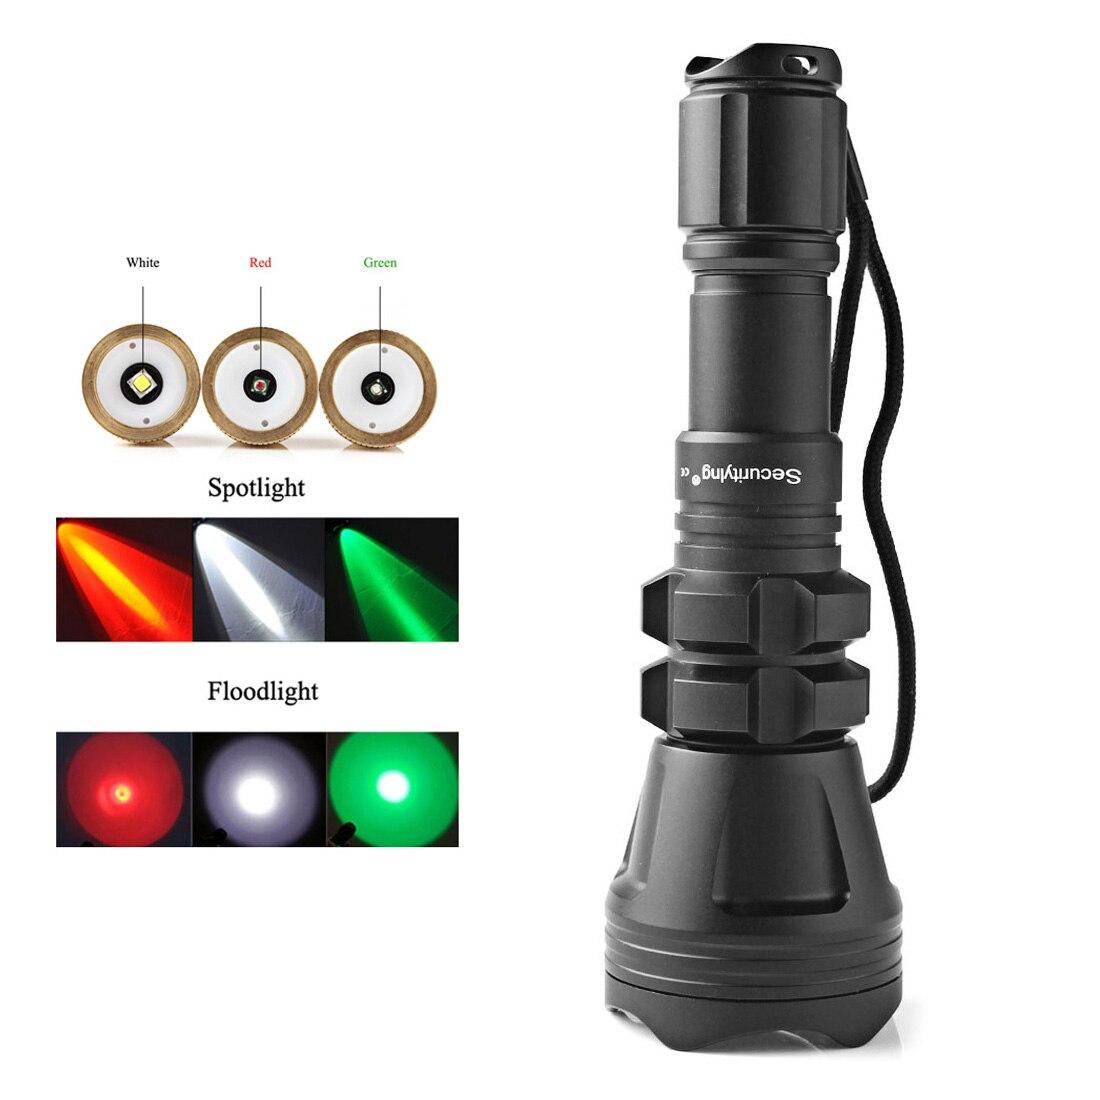 SecurityIng LED étanche lampe de poche XM-L2 U4 LED 900LM lampe de chasse 5 Modes torche Zoomable avec pressostat à distance